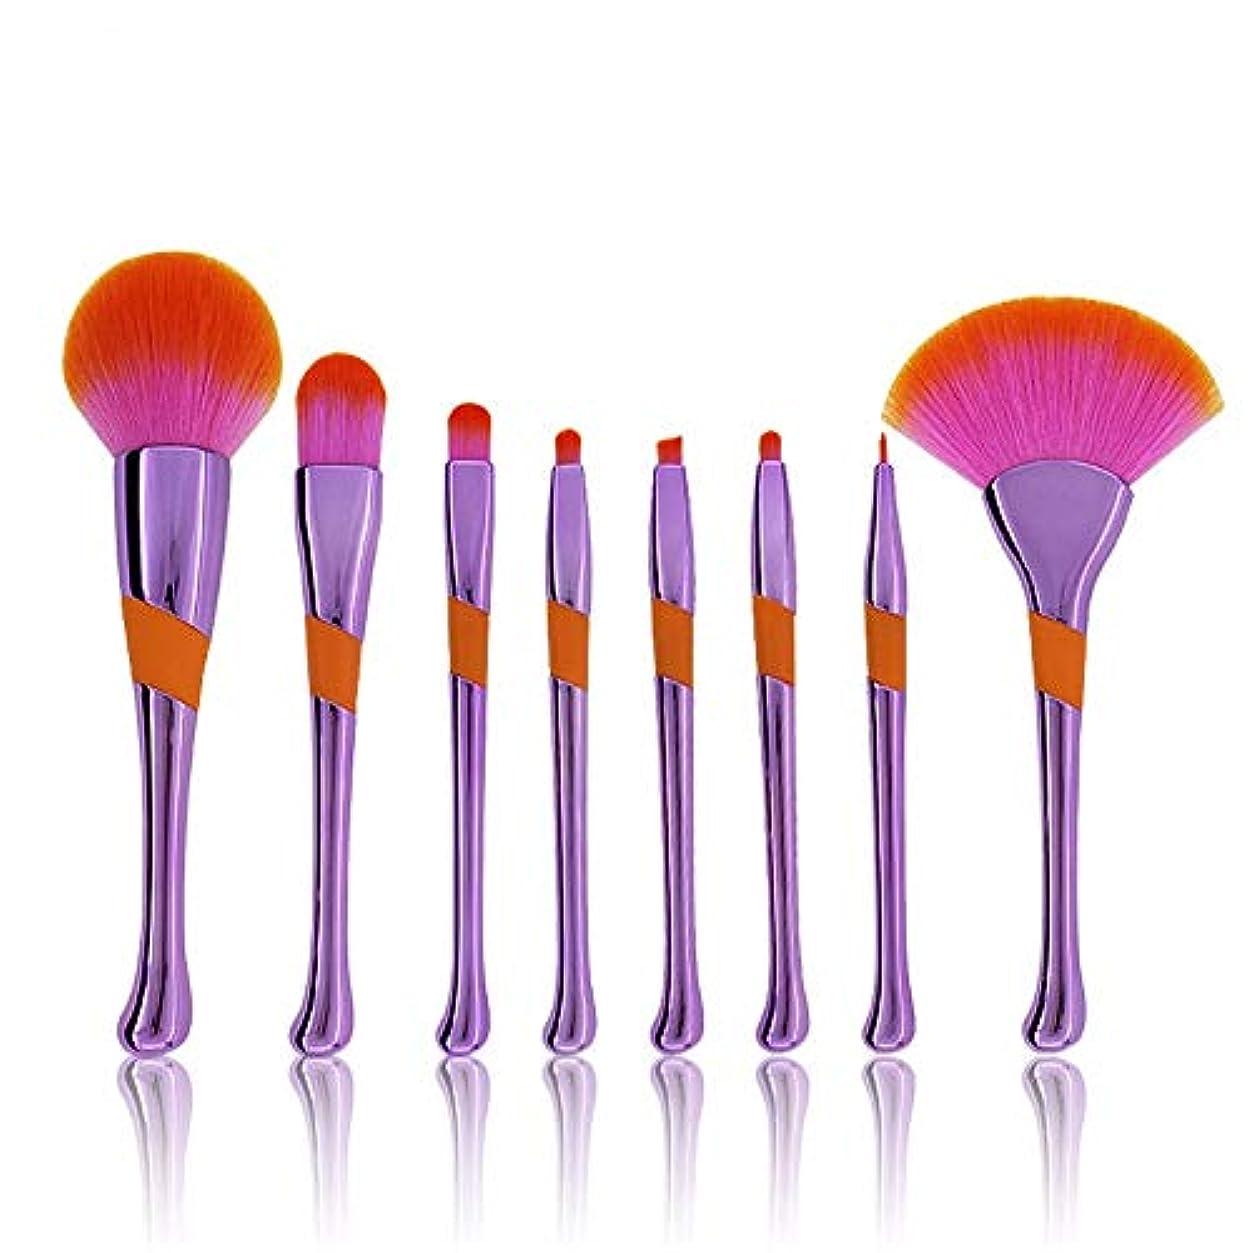 溶融活発助けになるCHANGYUXINTAI-HUAZHUANGSHUA 女の子ハートメイク8点セットブラシブラシブラシブラシブラシブラシブラシブラシブラシブラシブラシブラシブラシブラシブラシブラシセット (Color : Purple)